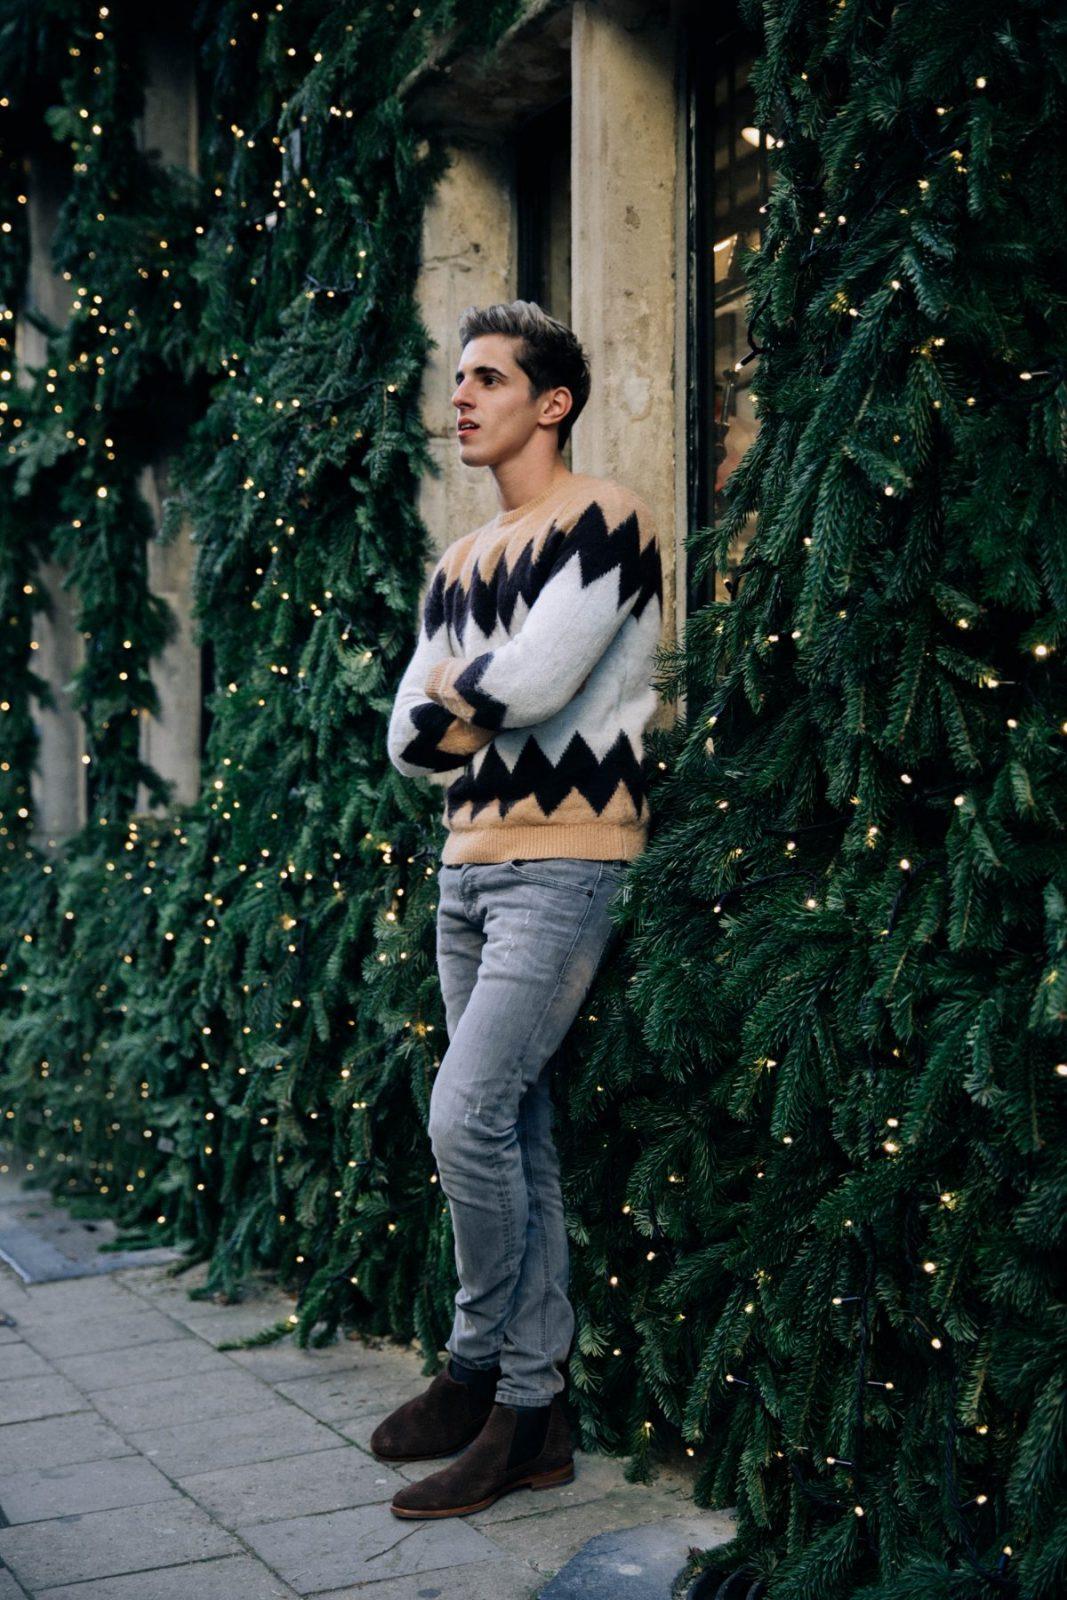 Christmas around the corner – MattG Style